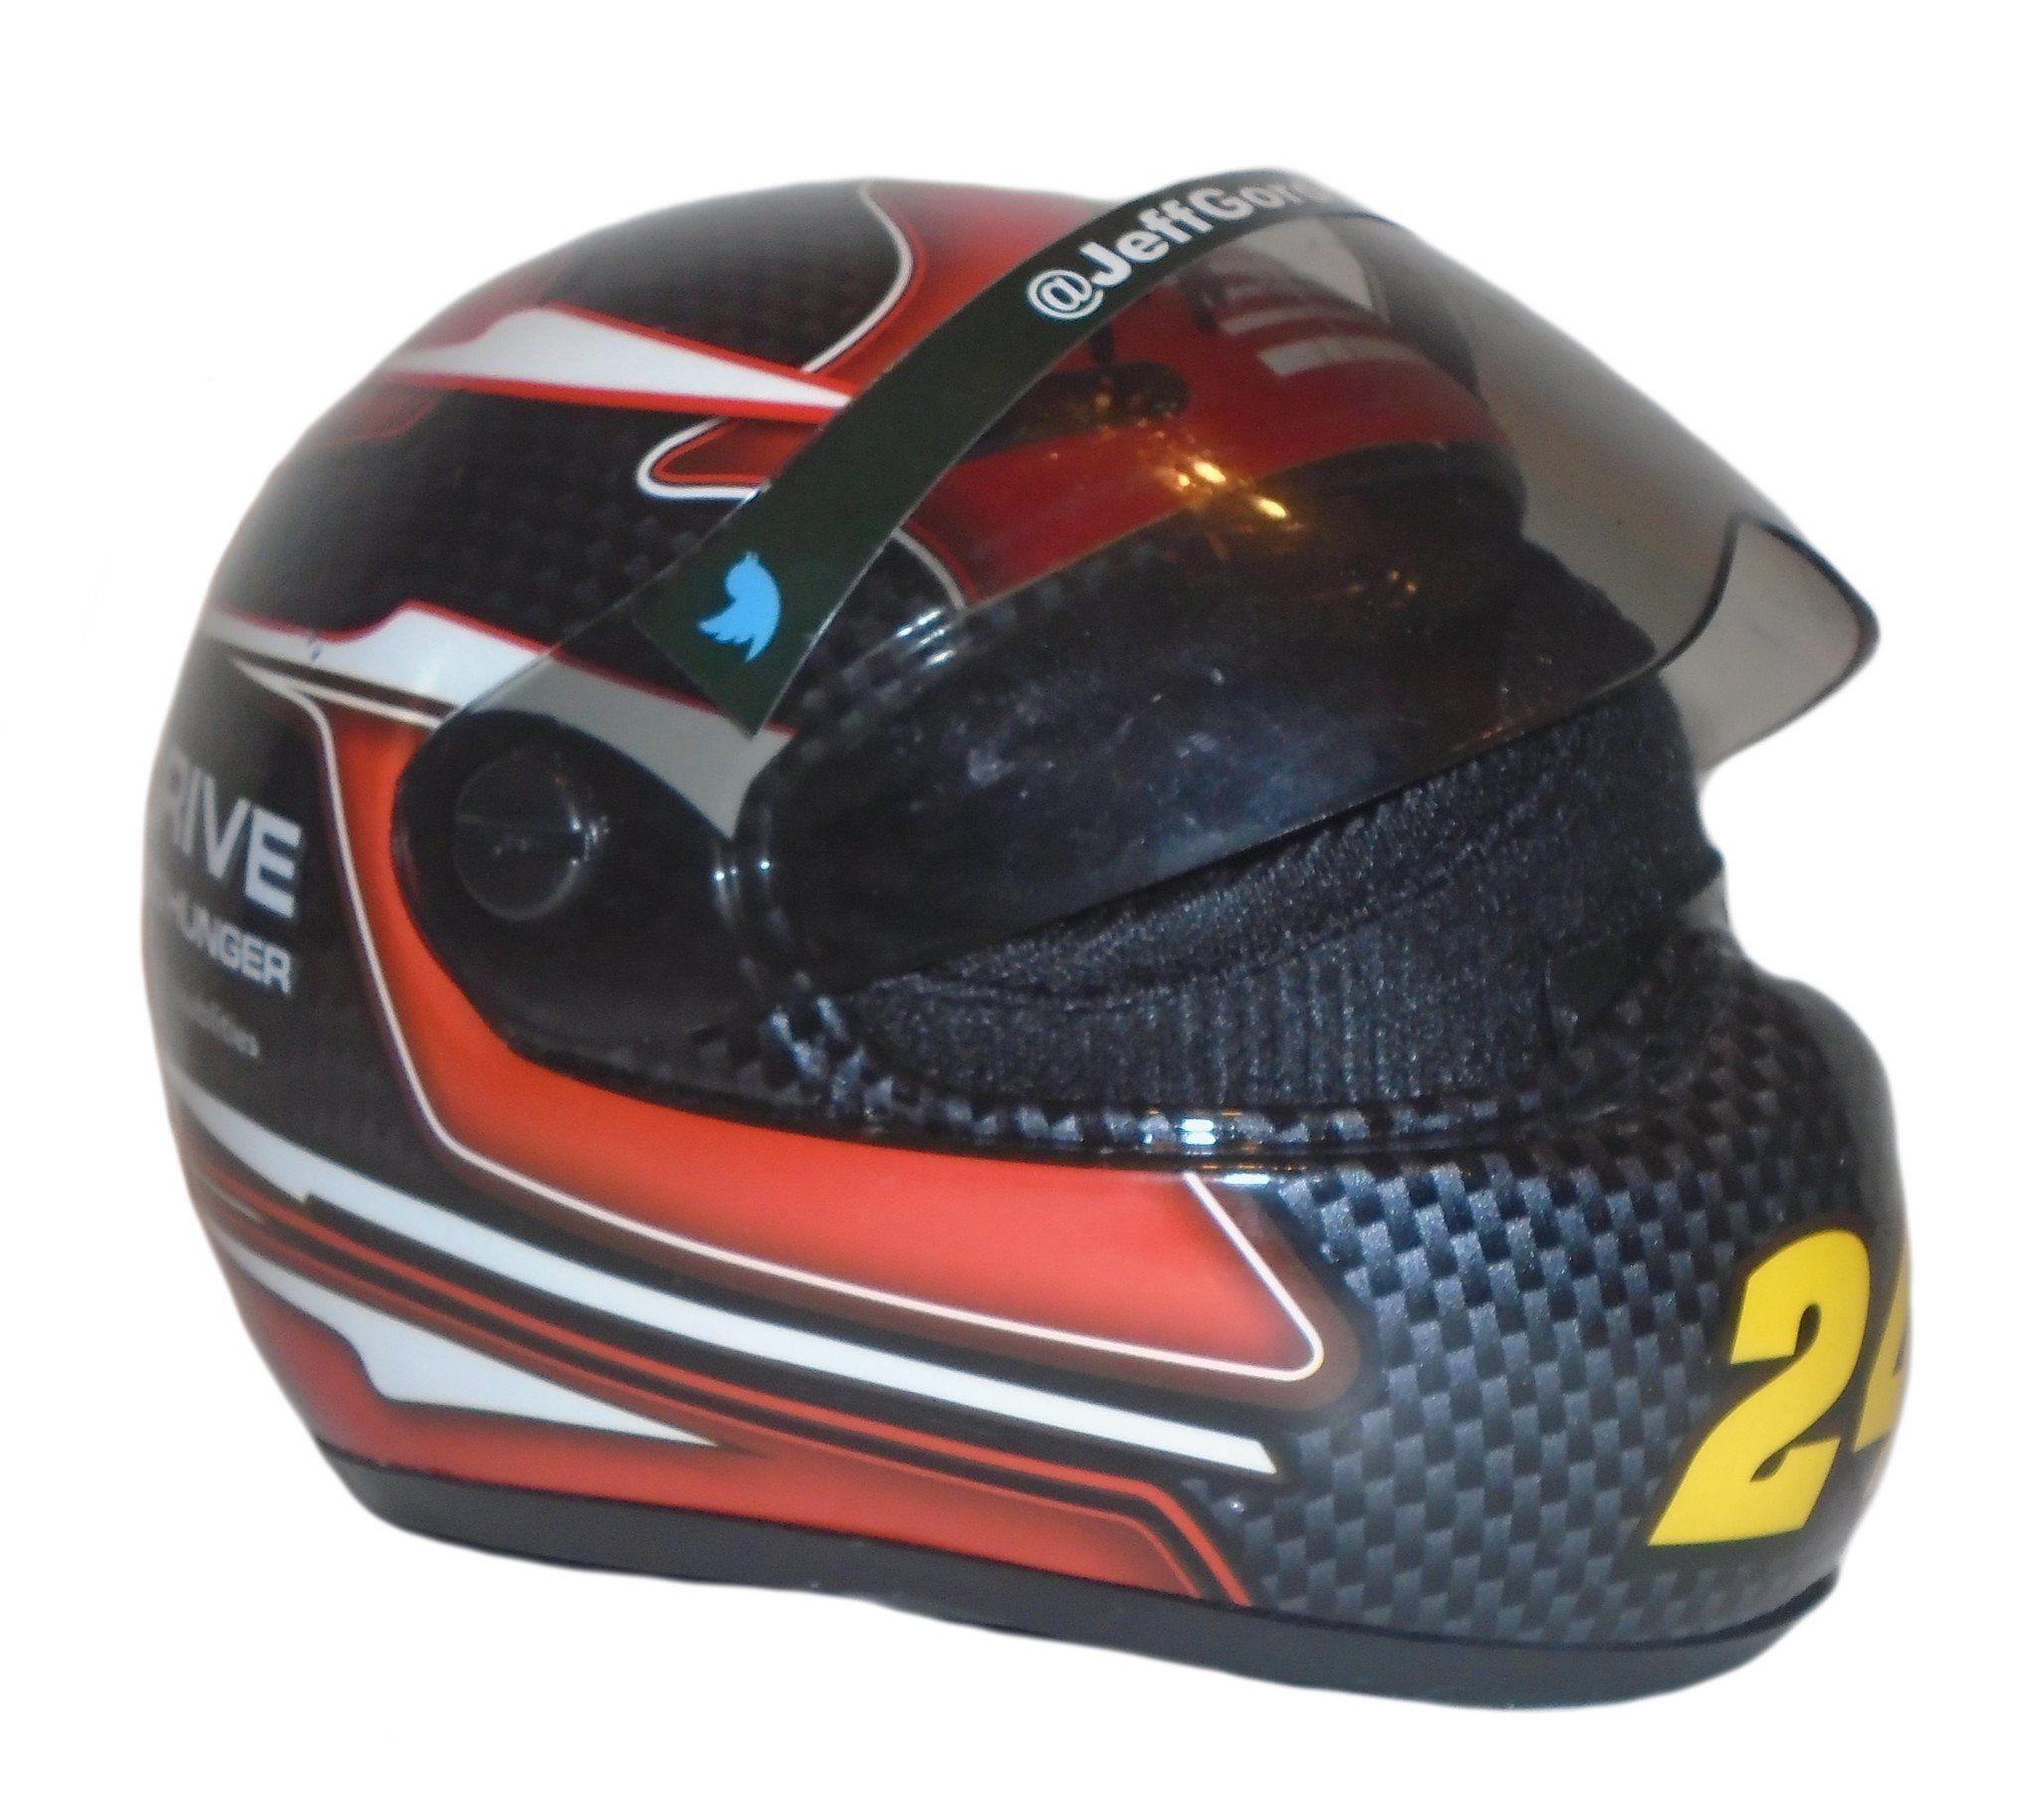 Jeff Gordon Autographed 1:3 Scale Nascar #24 Drive 2 End